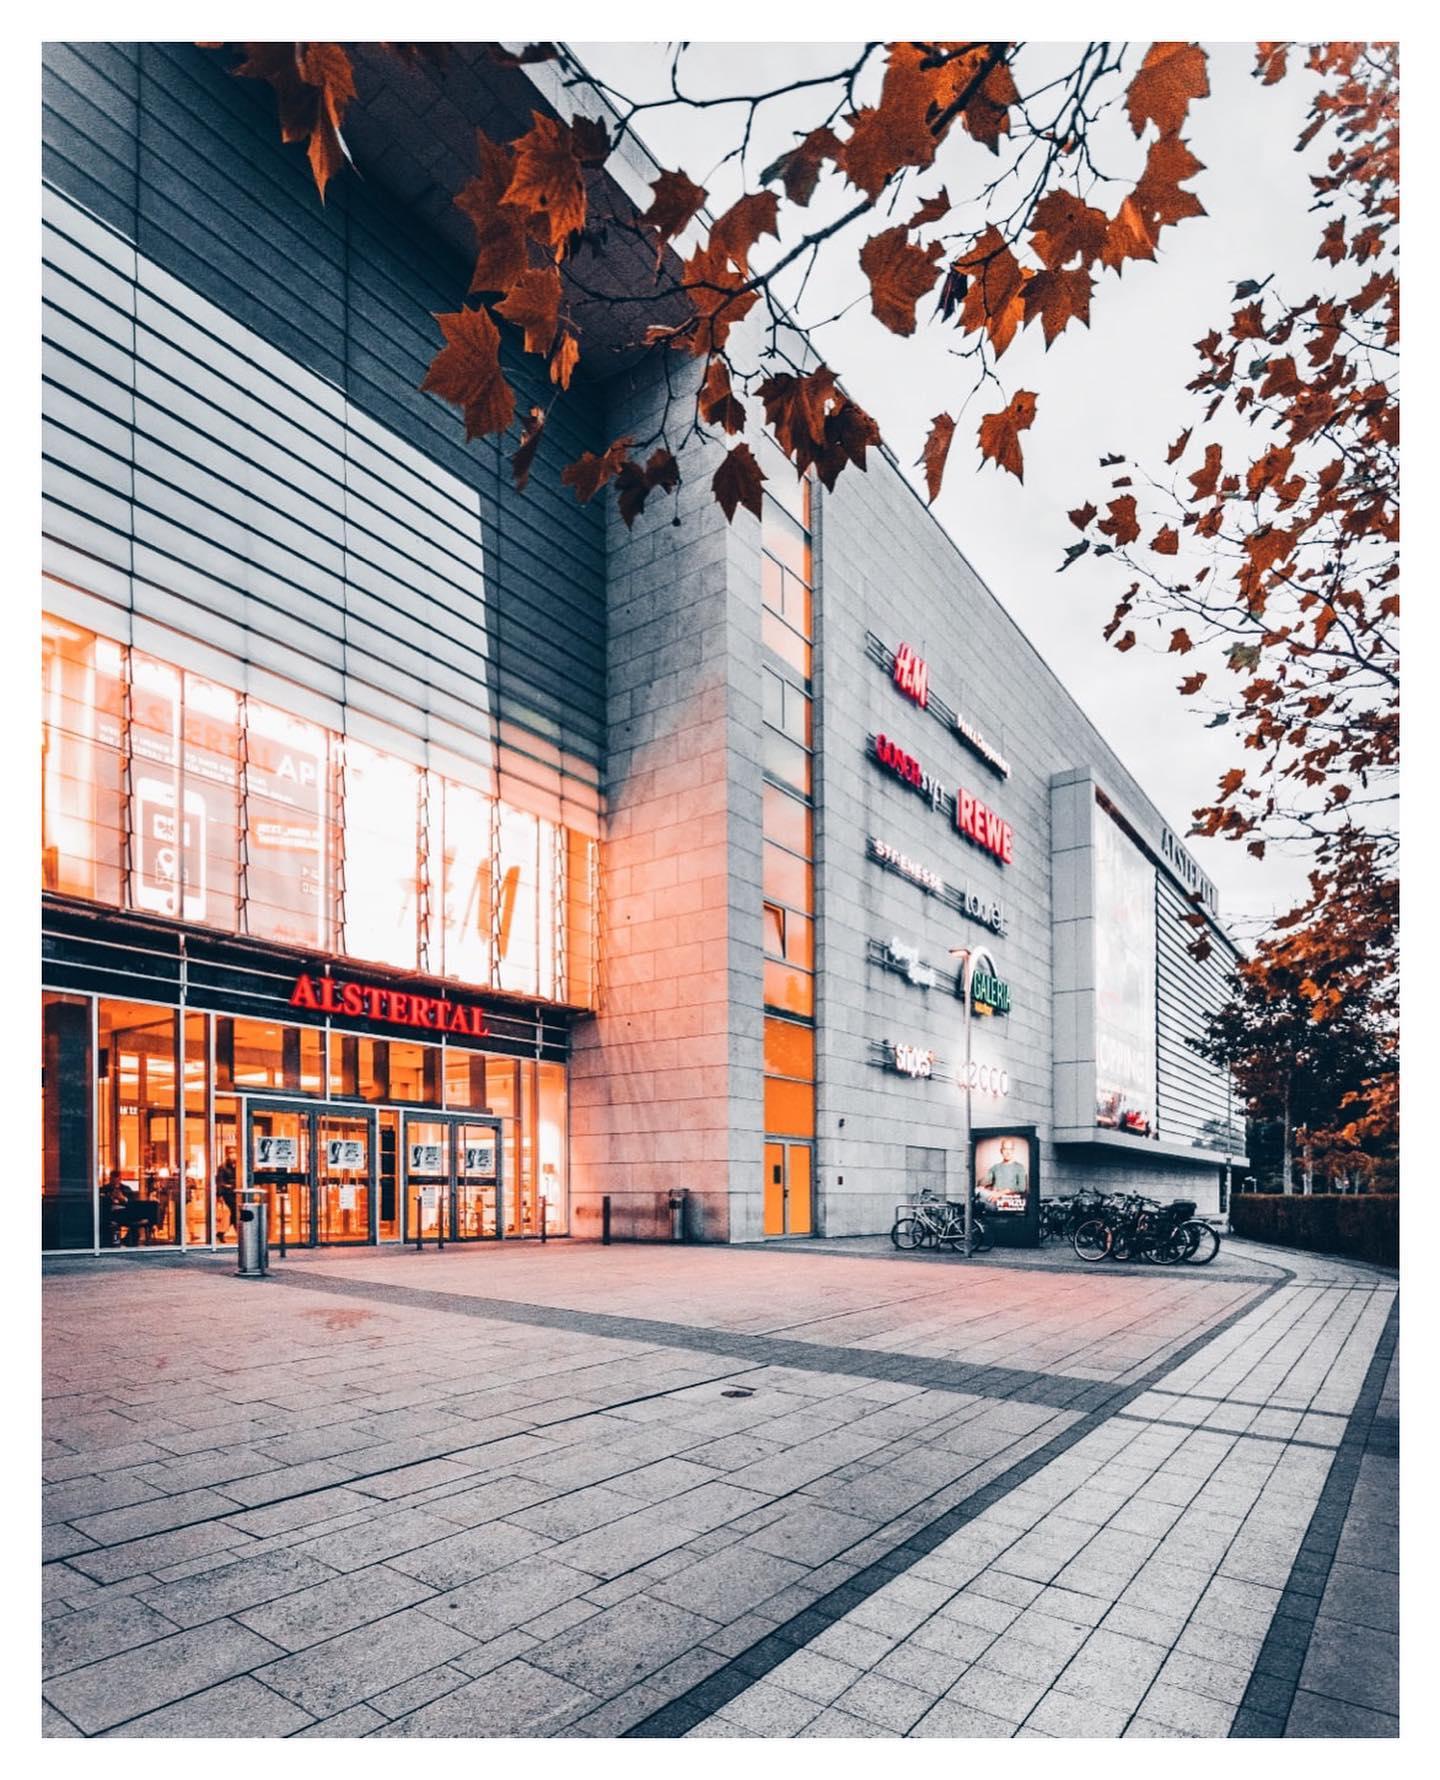 Raus aus der Stadt und ab zum Antikmarkt im Alstertaler Einkaufszentrum.